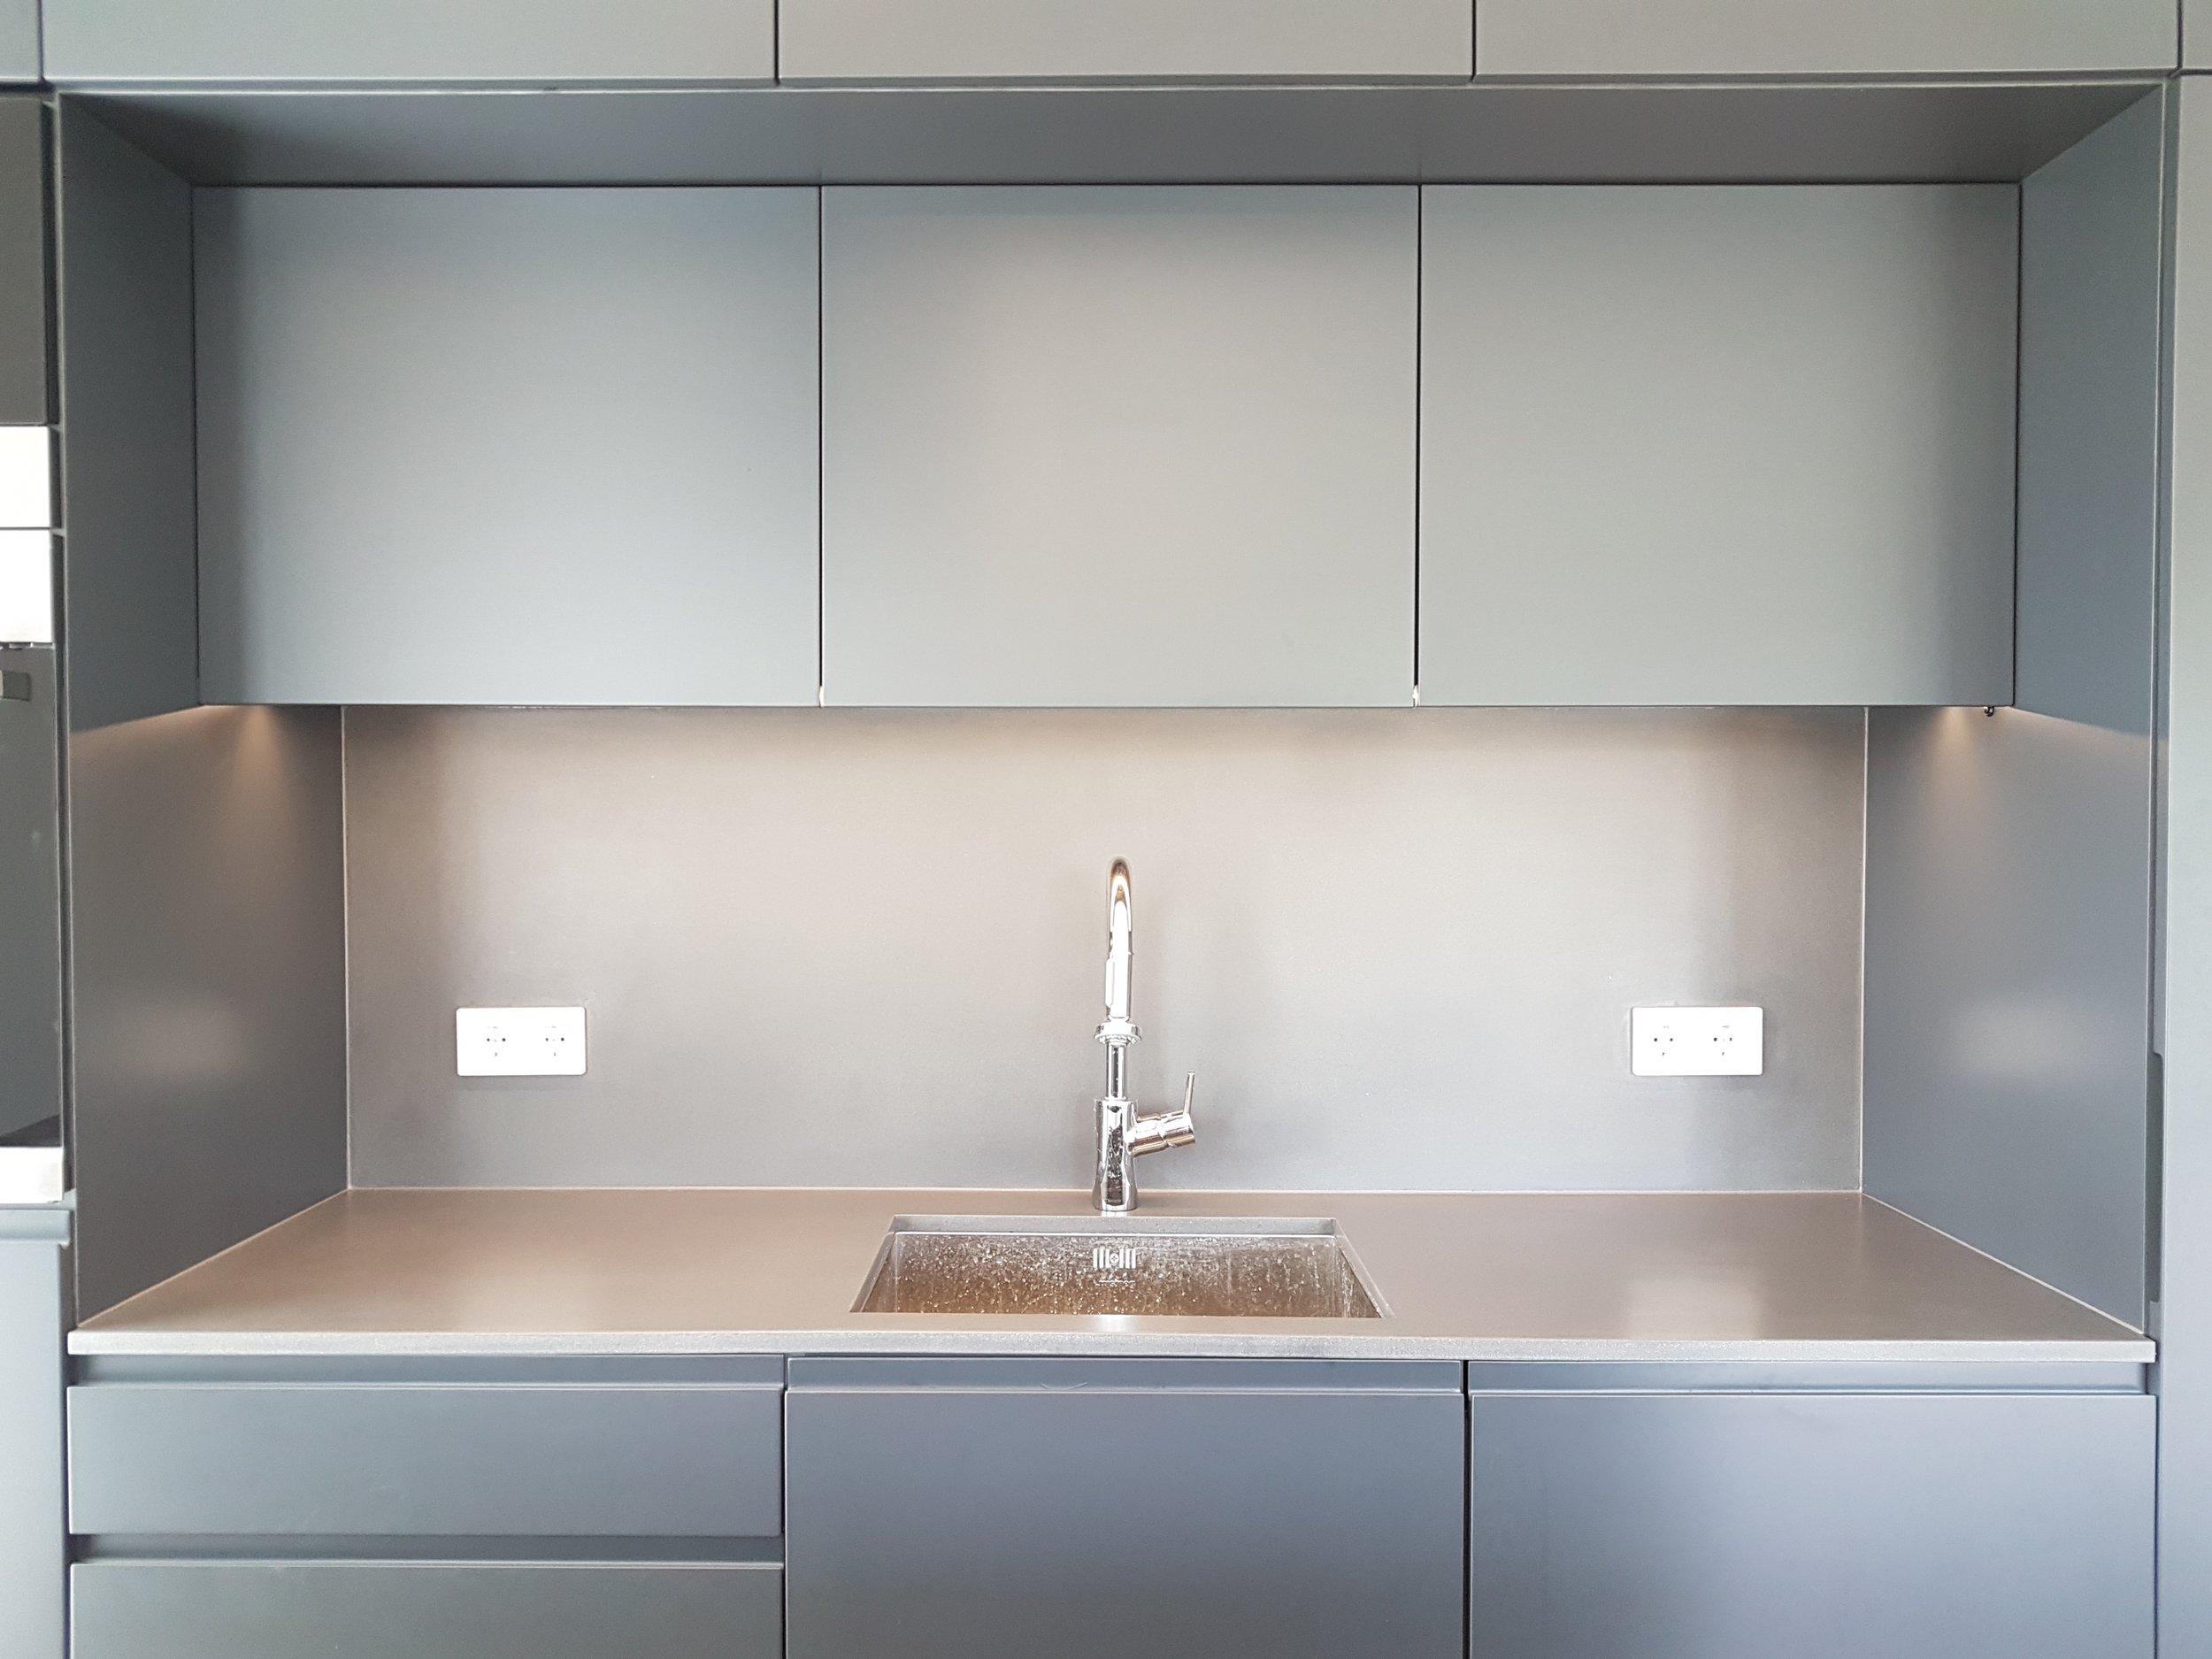 Köögi tasapinnad ja valamud  Meil on võimalik toota köögi tasapindasid paksusega 10-200 mm . Maksimaalne detaili pikkus sõltub konkreetsest projektist, kuid võib ulatuda üle 4 meetri. Meil on valmis erinevaid valamu vorme, mida kasutada valamute tootmiseks. Tabeli olemasolevate valamu vormide mõõtudega leiate  siit!